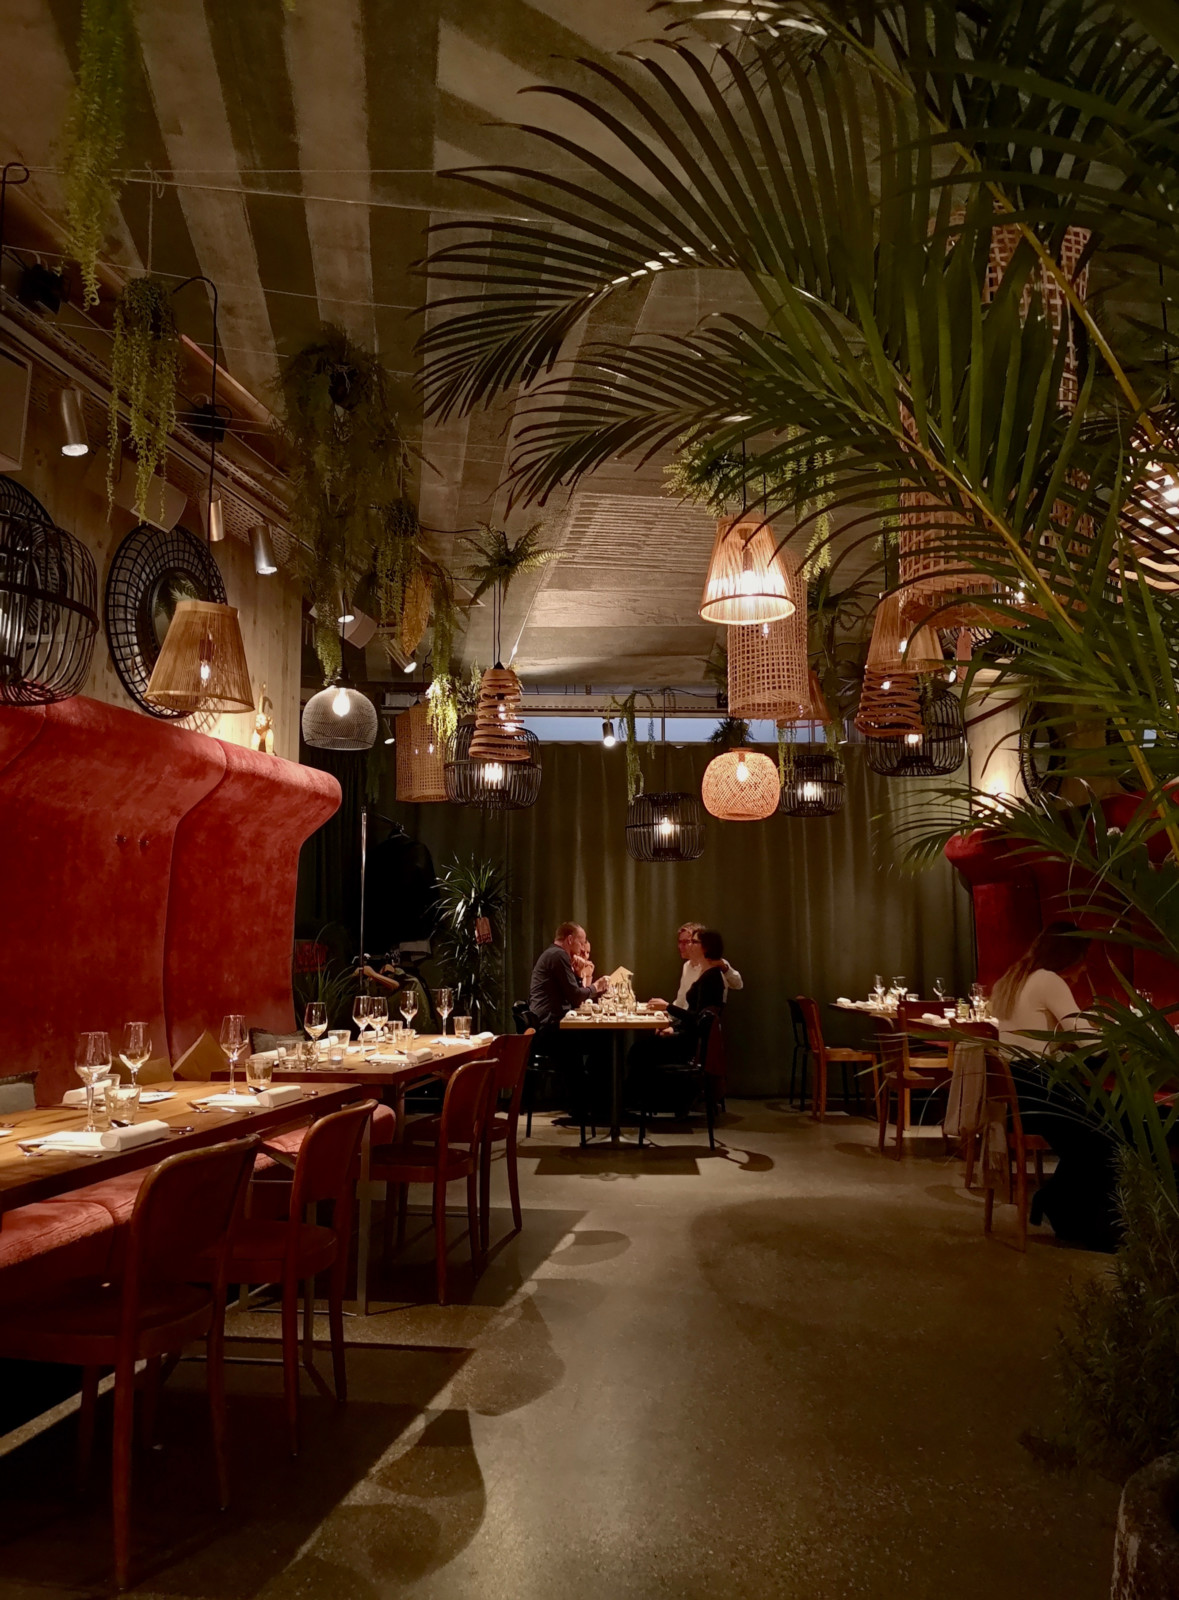 Urbaner Dschungel an der Langstrasse. Foto: Lunchgate/Anna